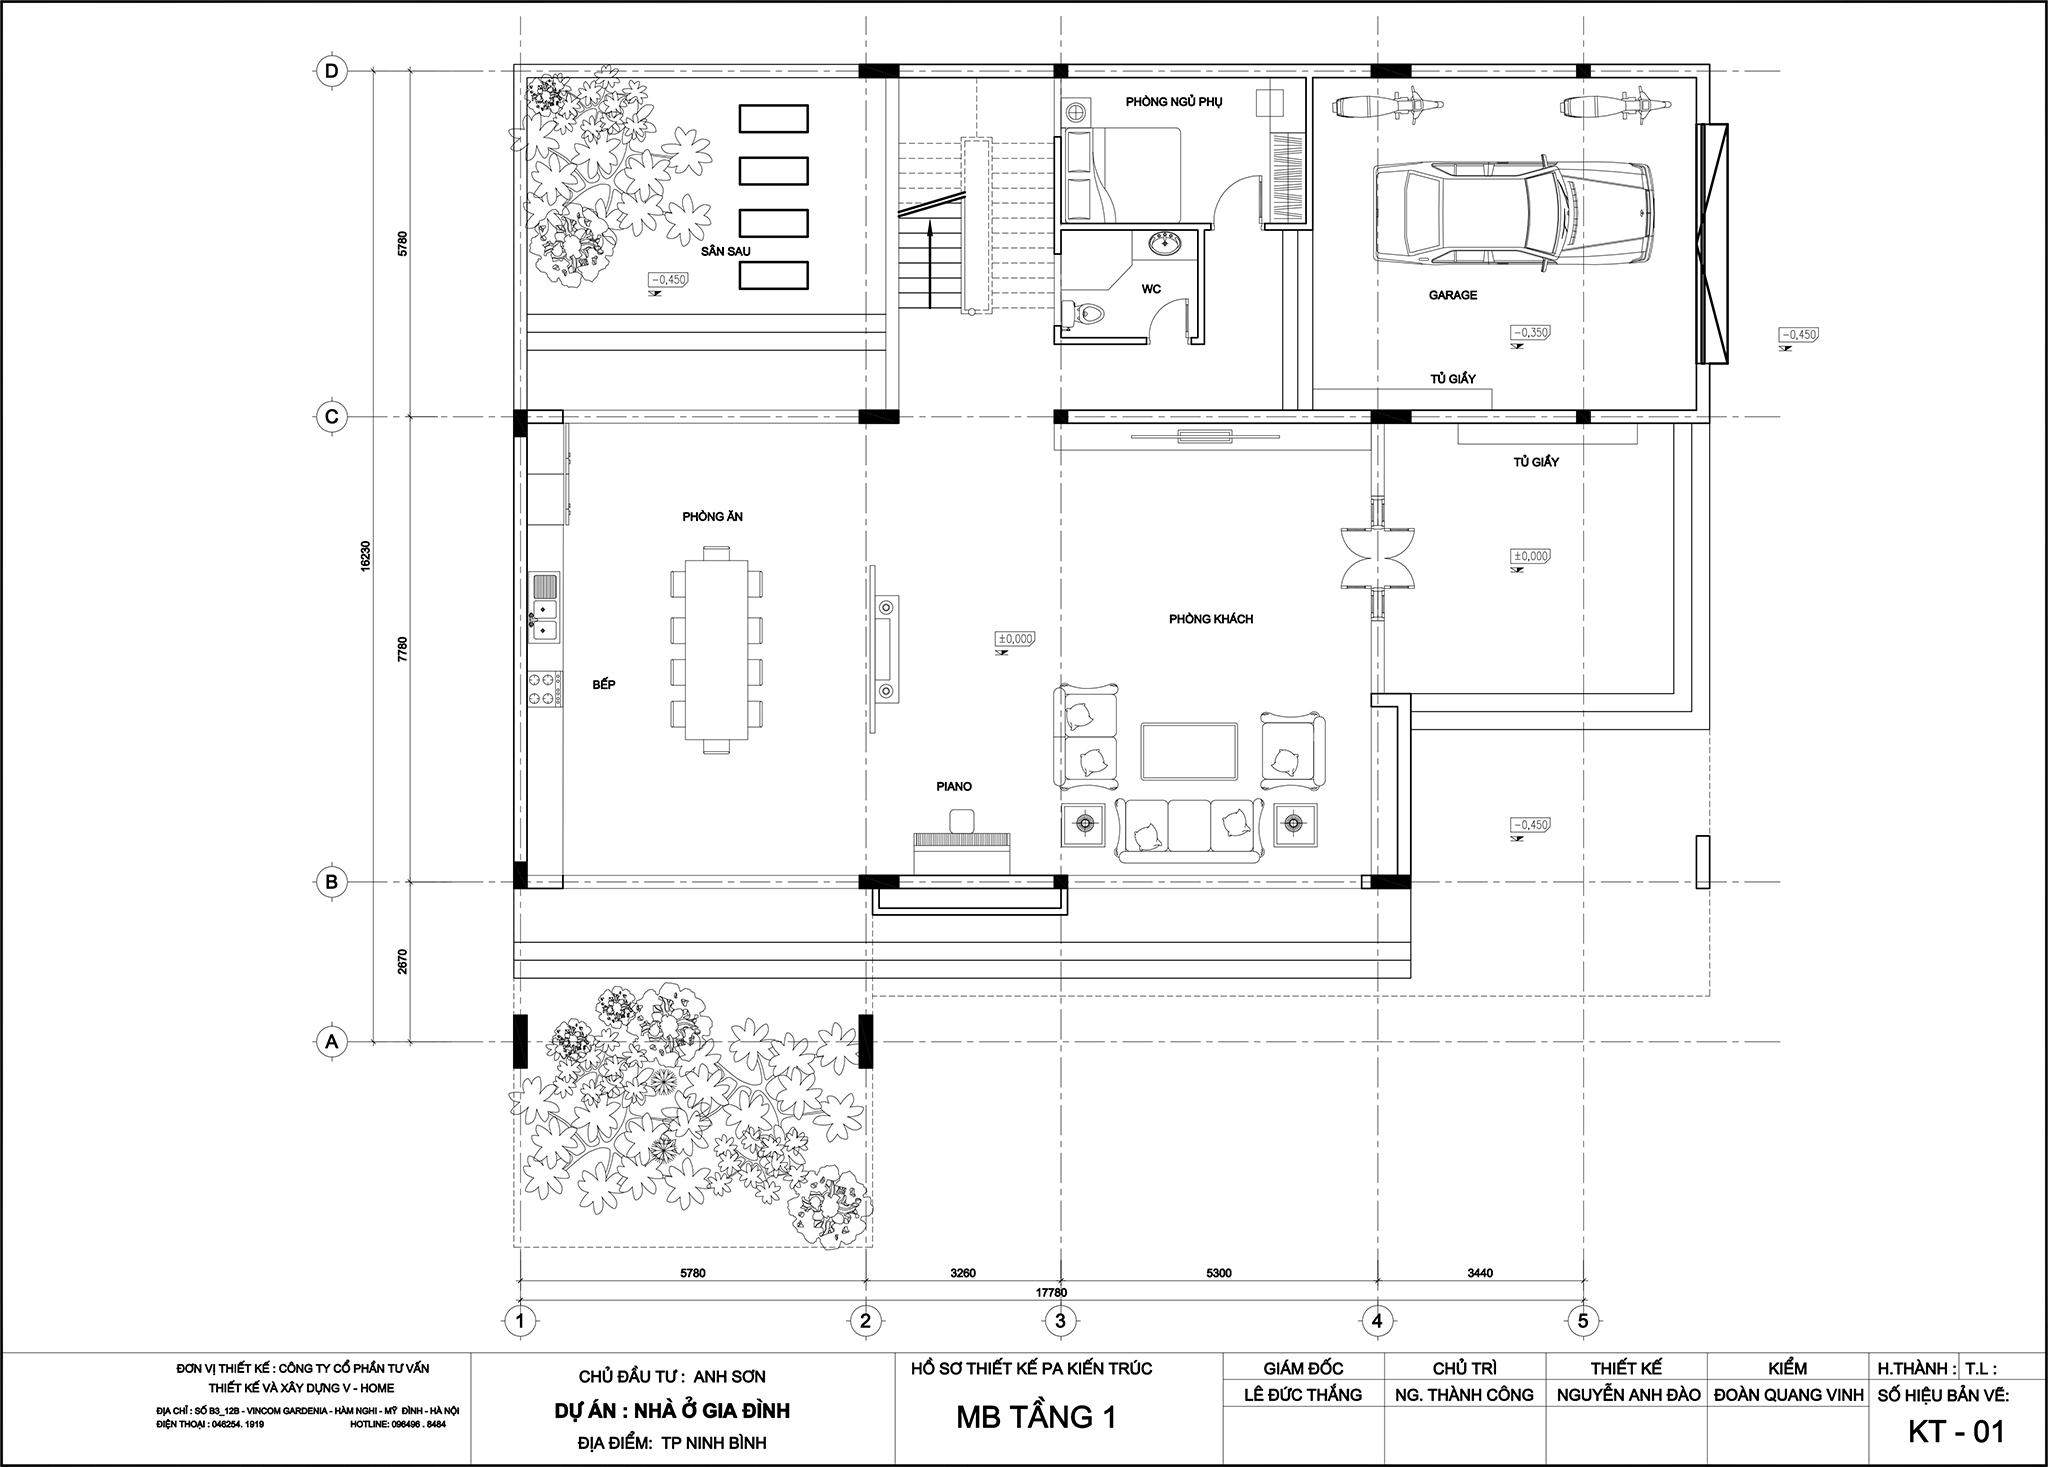 thiet-ke-biet-thu-hien-dai-4 Thiết kế Biệt thự hiện đại tại Ninh Bình - A. Sơn